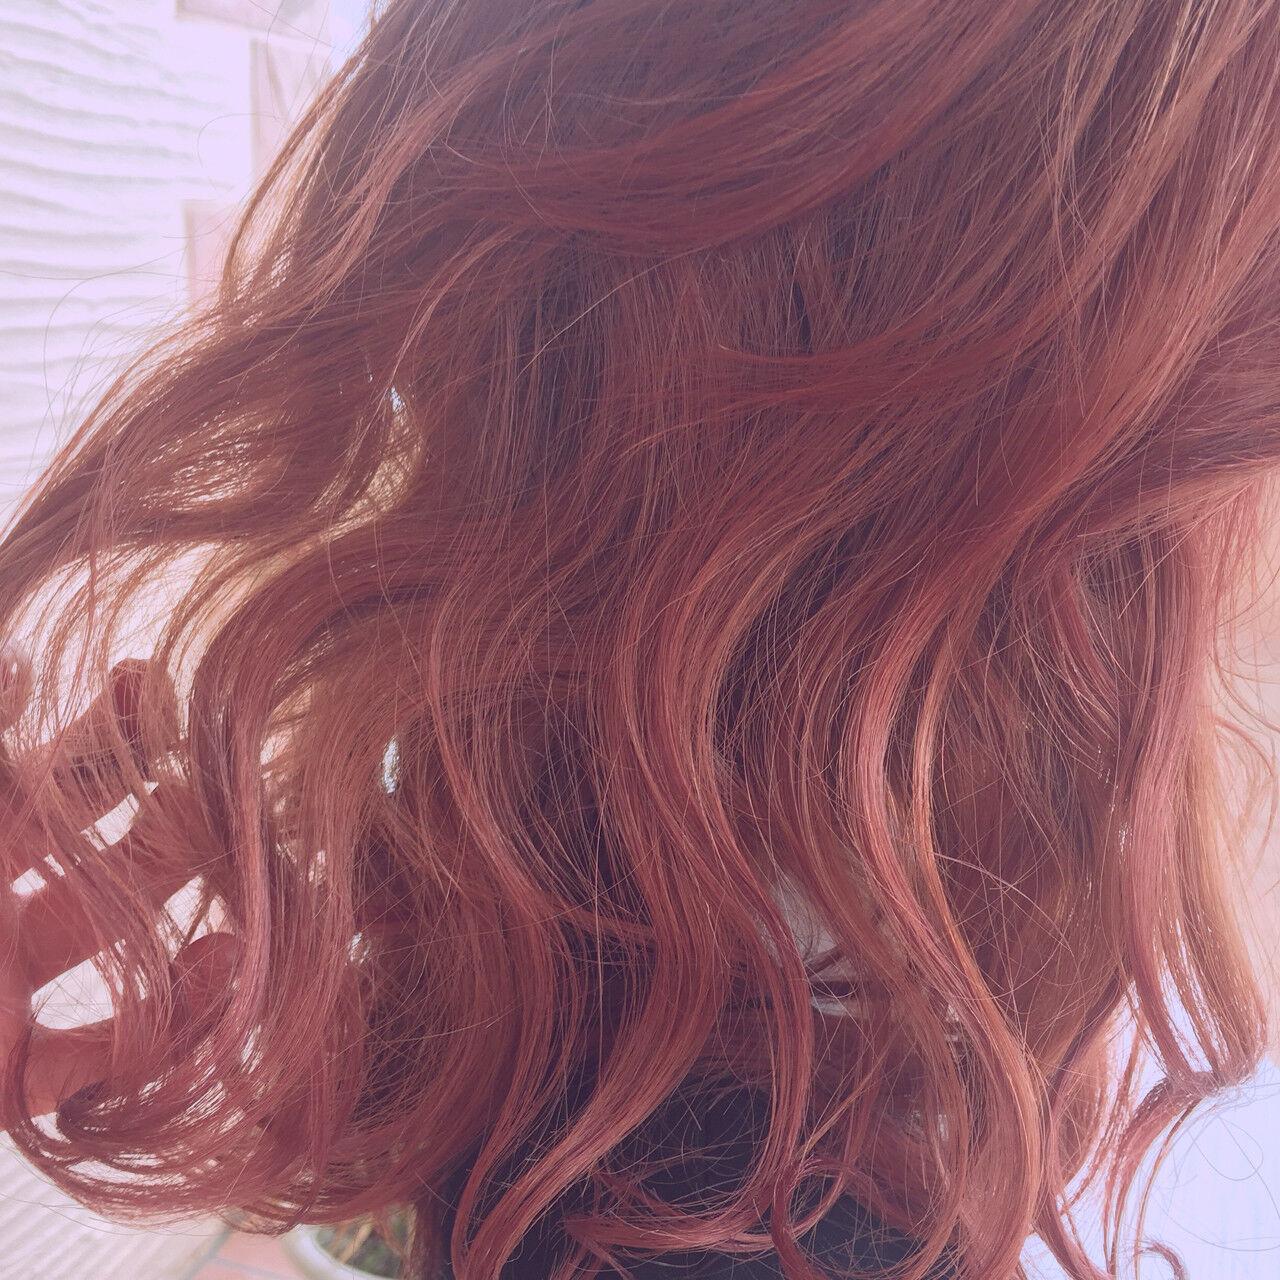 ボブ ピンクアッシュ ガーリー ピンクヘアスタイルや髪型の写真・画像